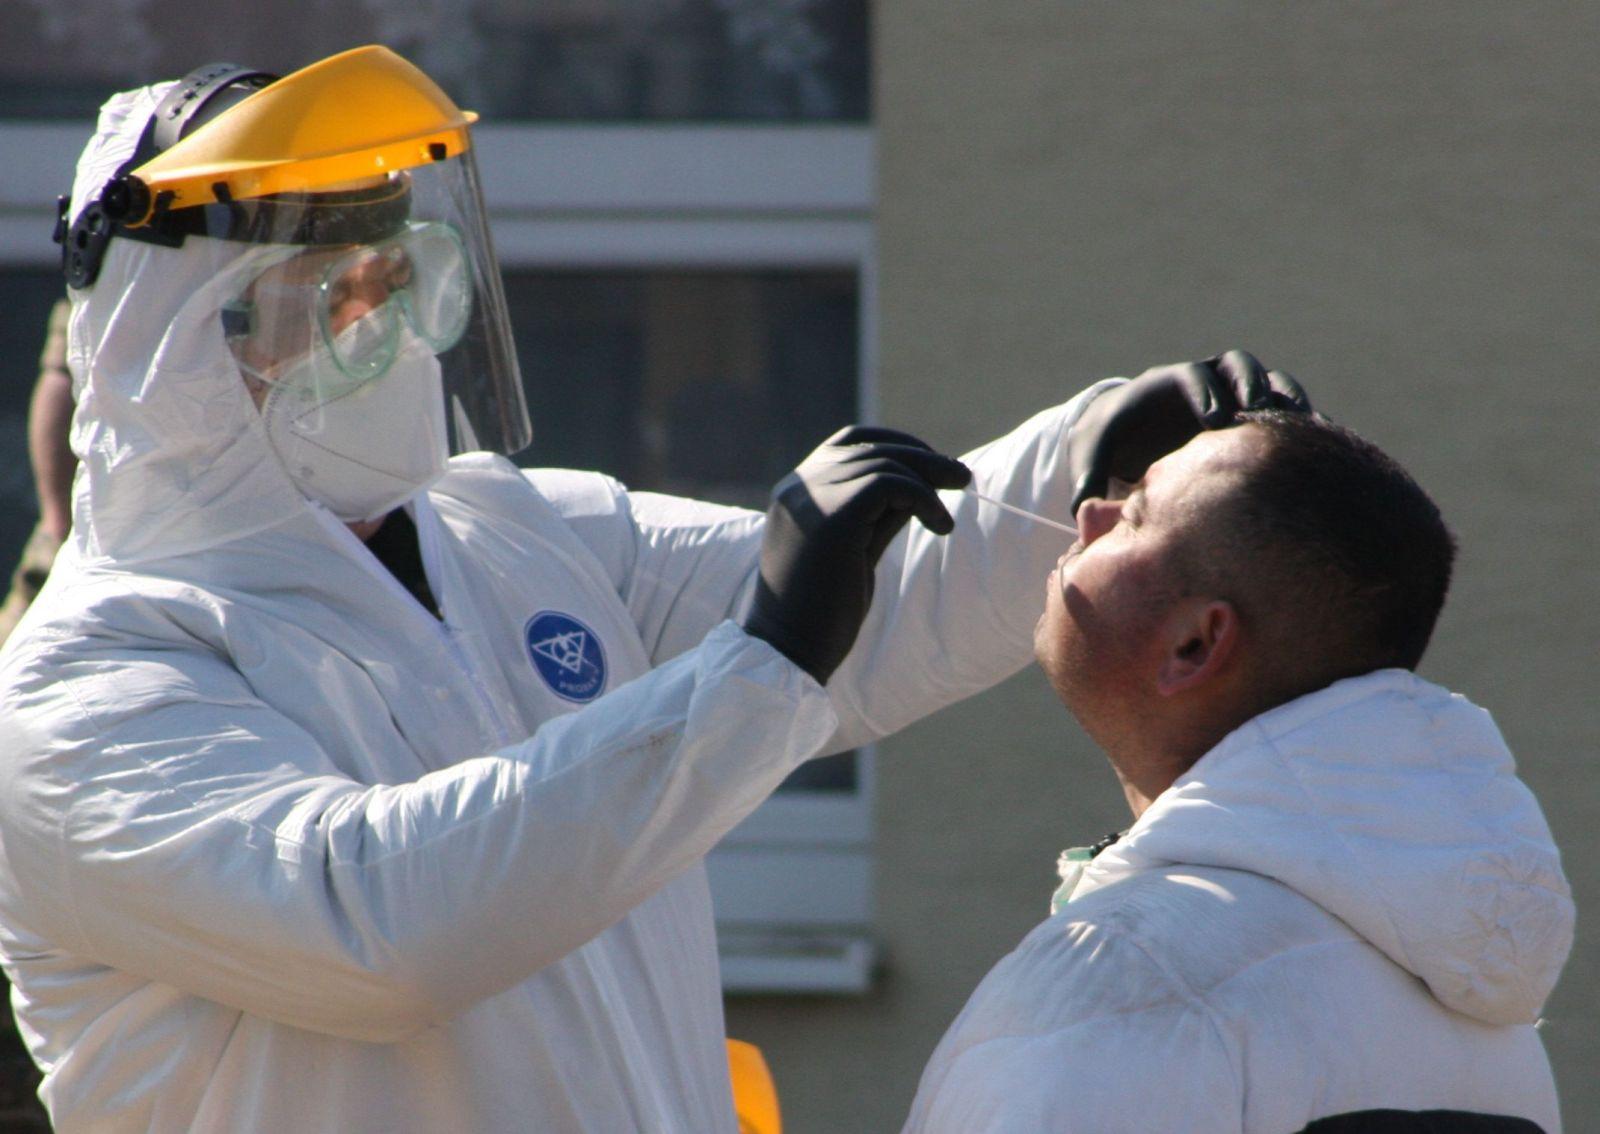 Odoberanie vzorky pre testovanie koronavírusu. Jarovnice, marec 2020.